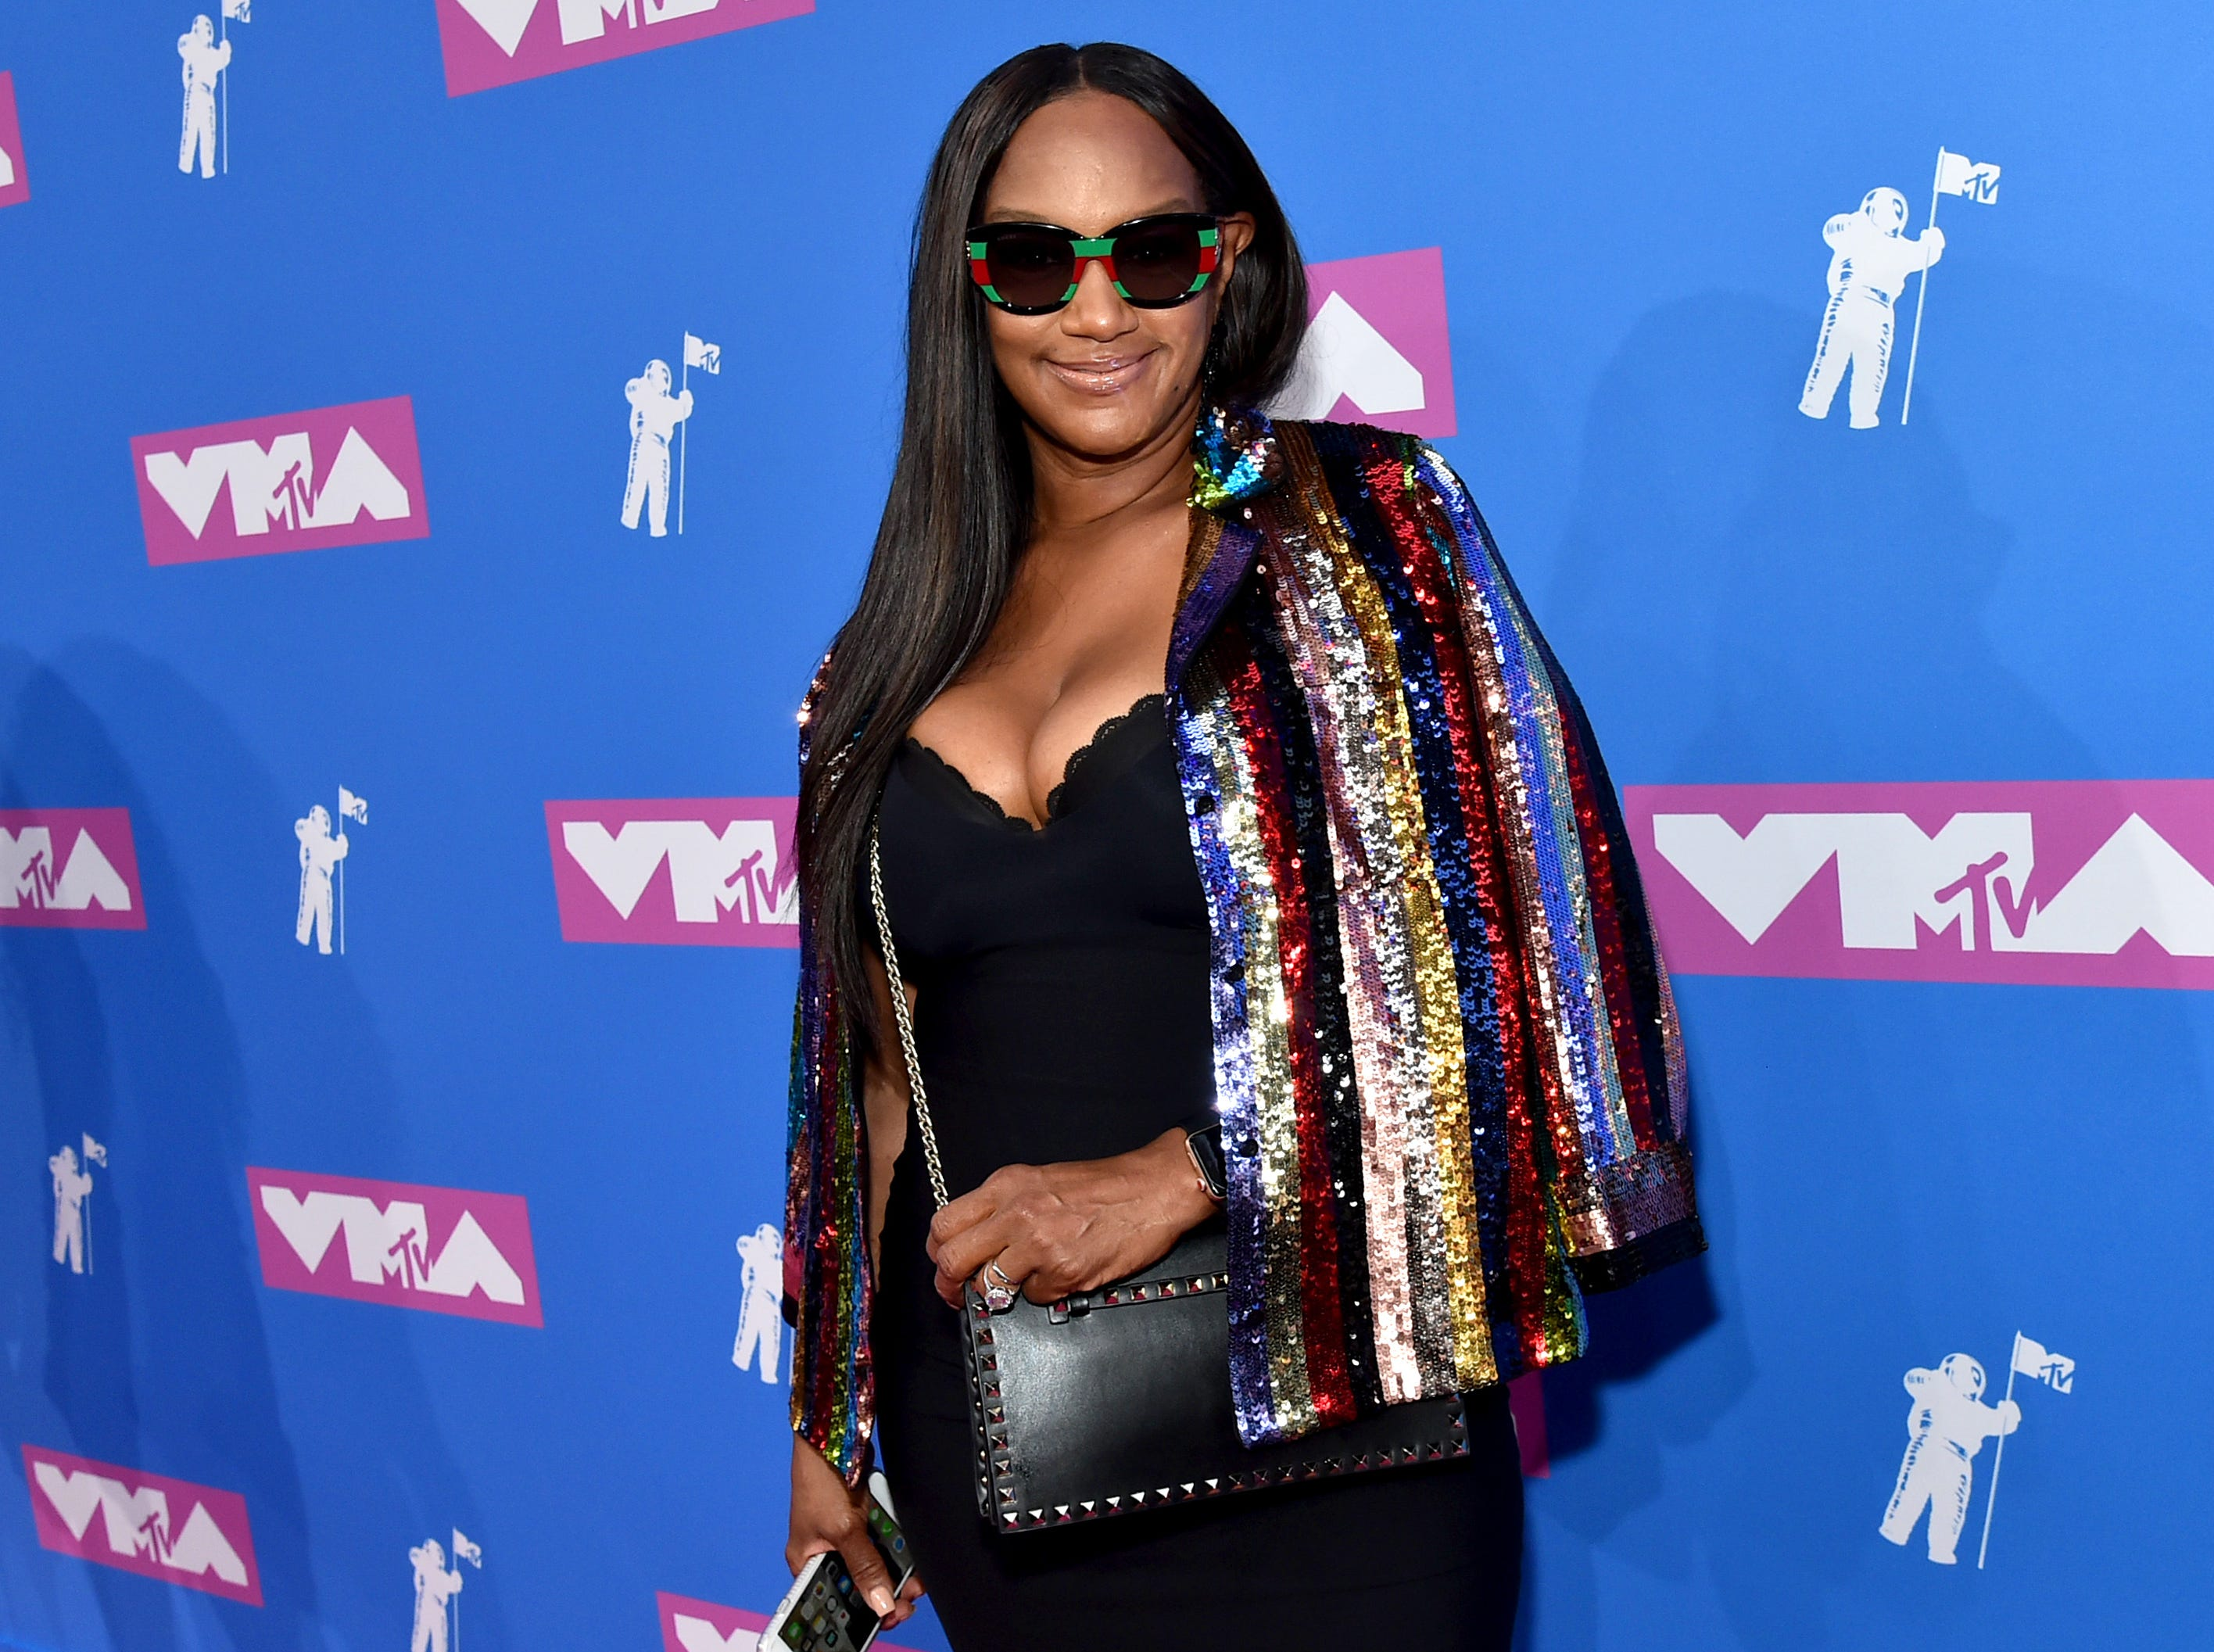 Jackie Christie asiste a los MTV Video Music Awards 2018 en el Radio City Music Hall el 20 de agosto de 2018 en la ciudad de Nueva York.